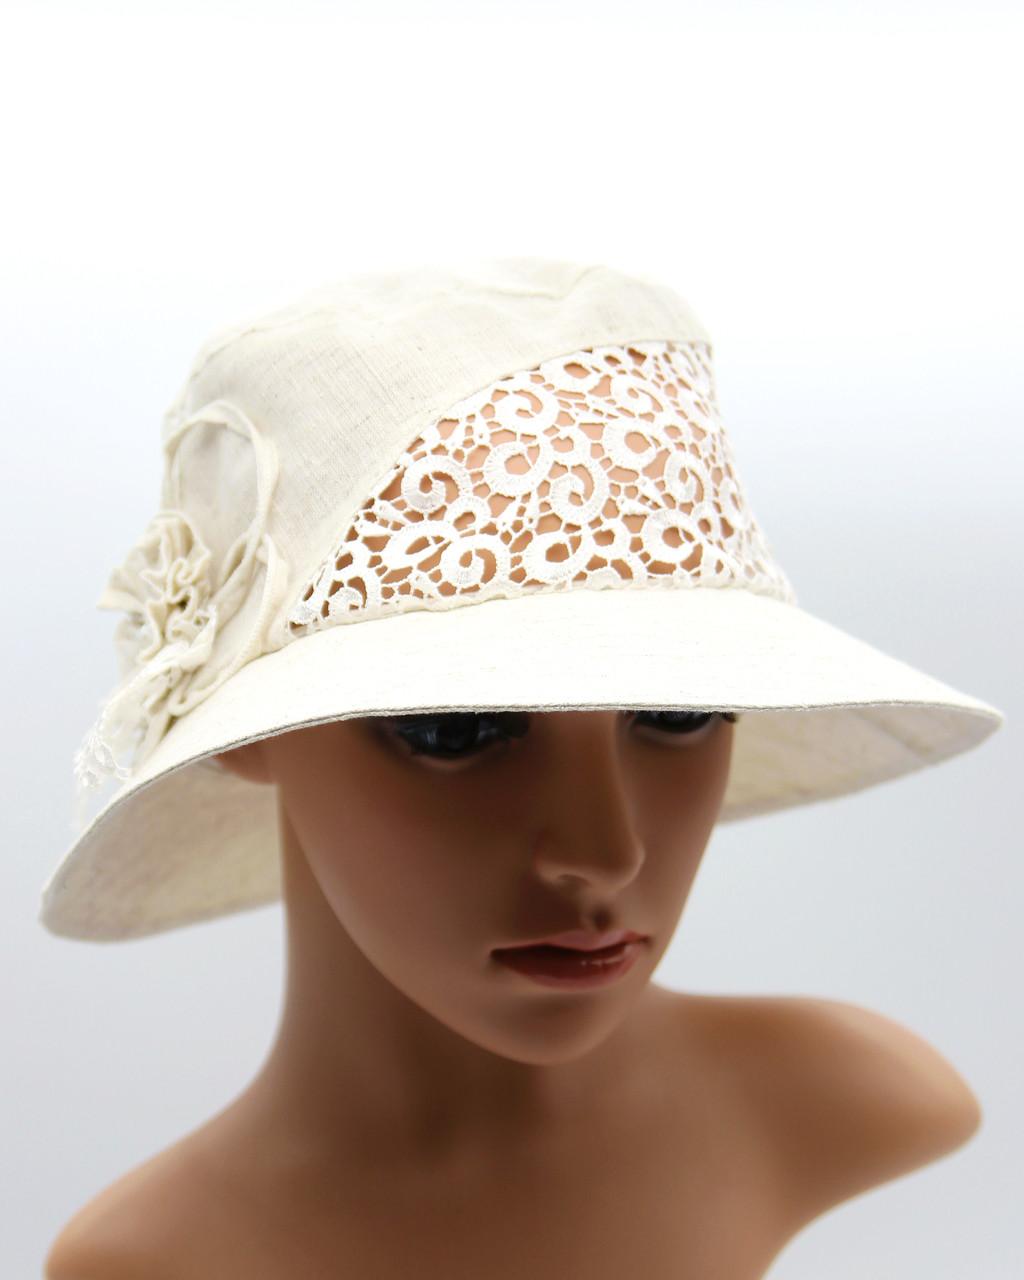 fbdc9ab03 Женская льняная шляпка с полями - летняя шляпа женская украшением. - VECONS  - женские и